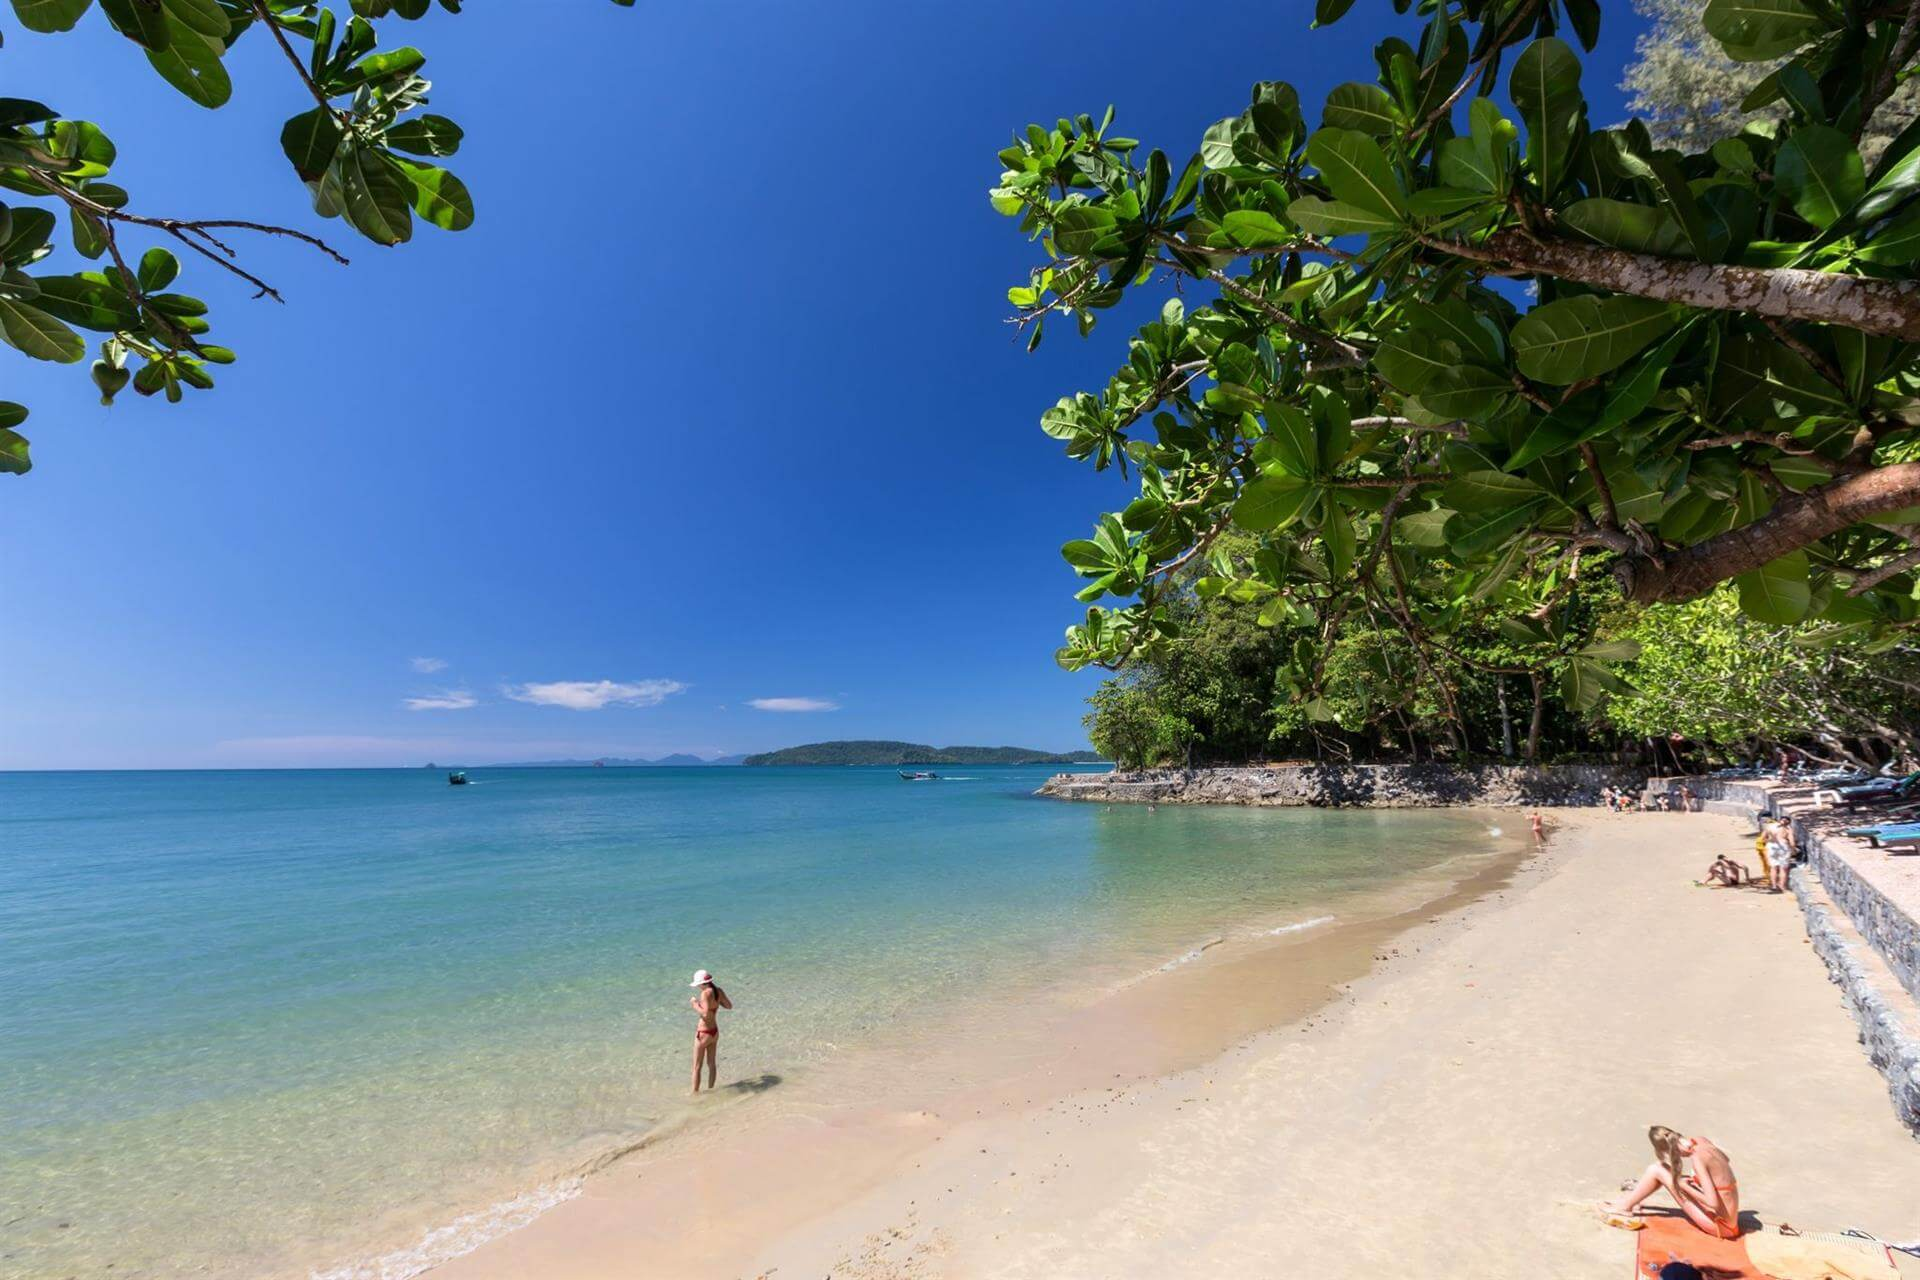 подарок день лучшие пляжи тайланда отзывы фото скачут, прыгают